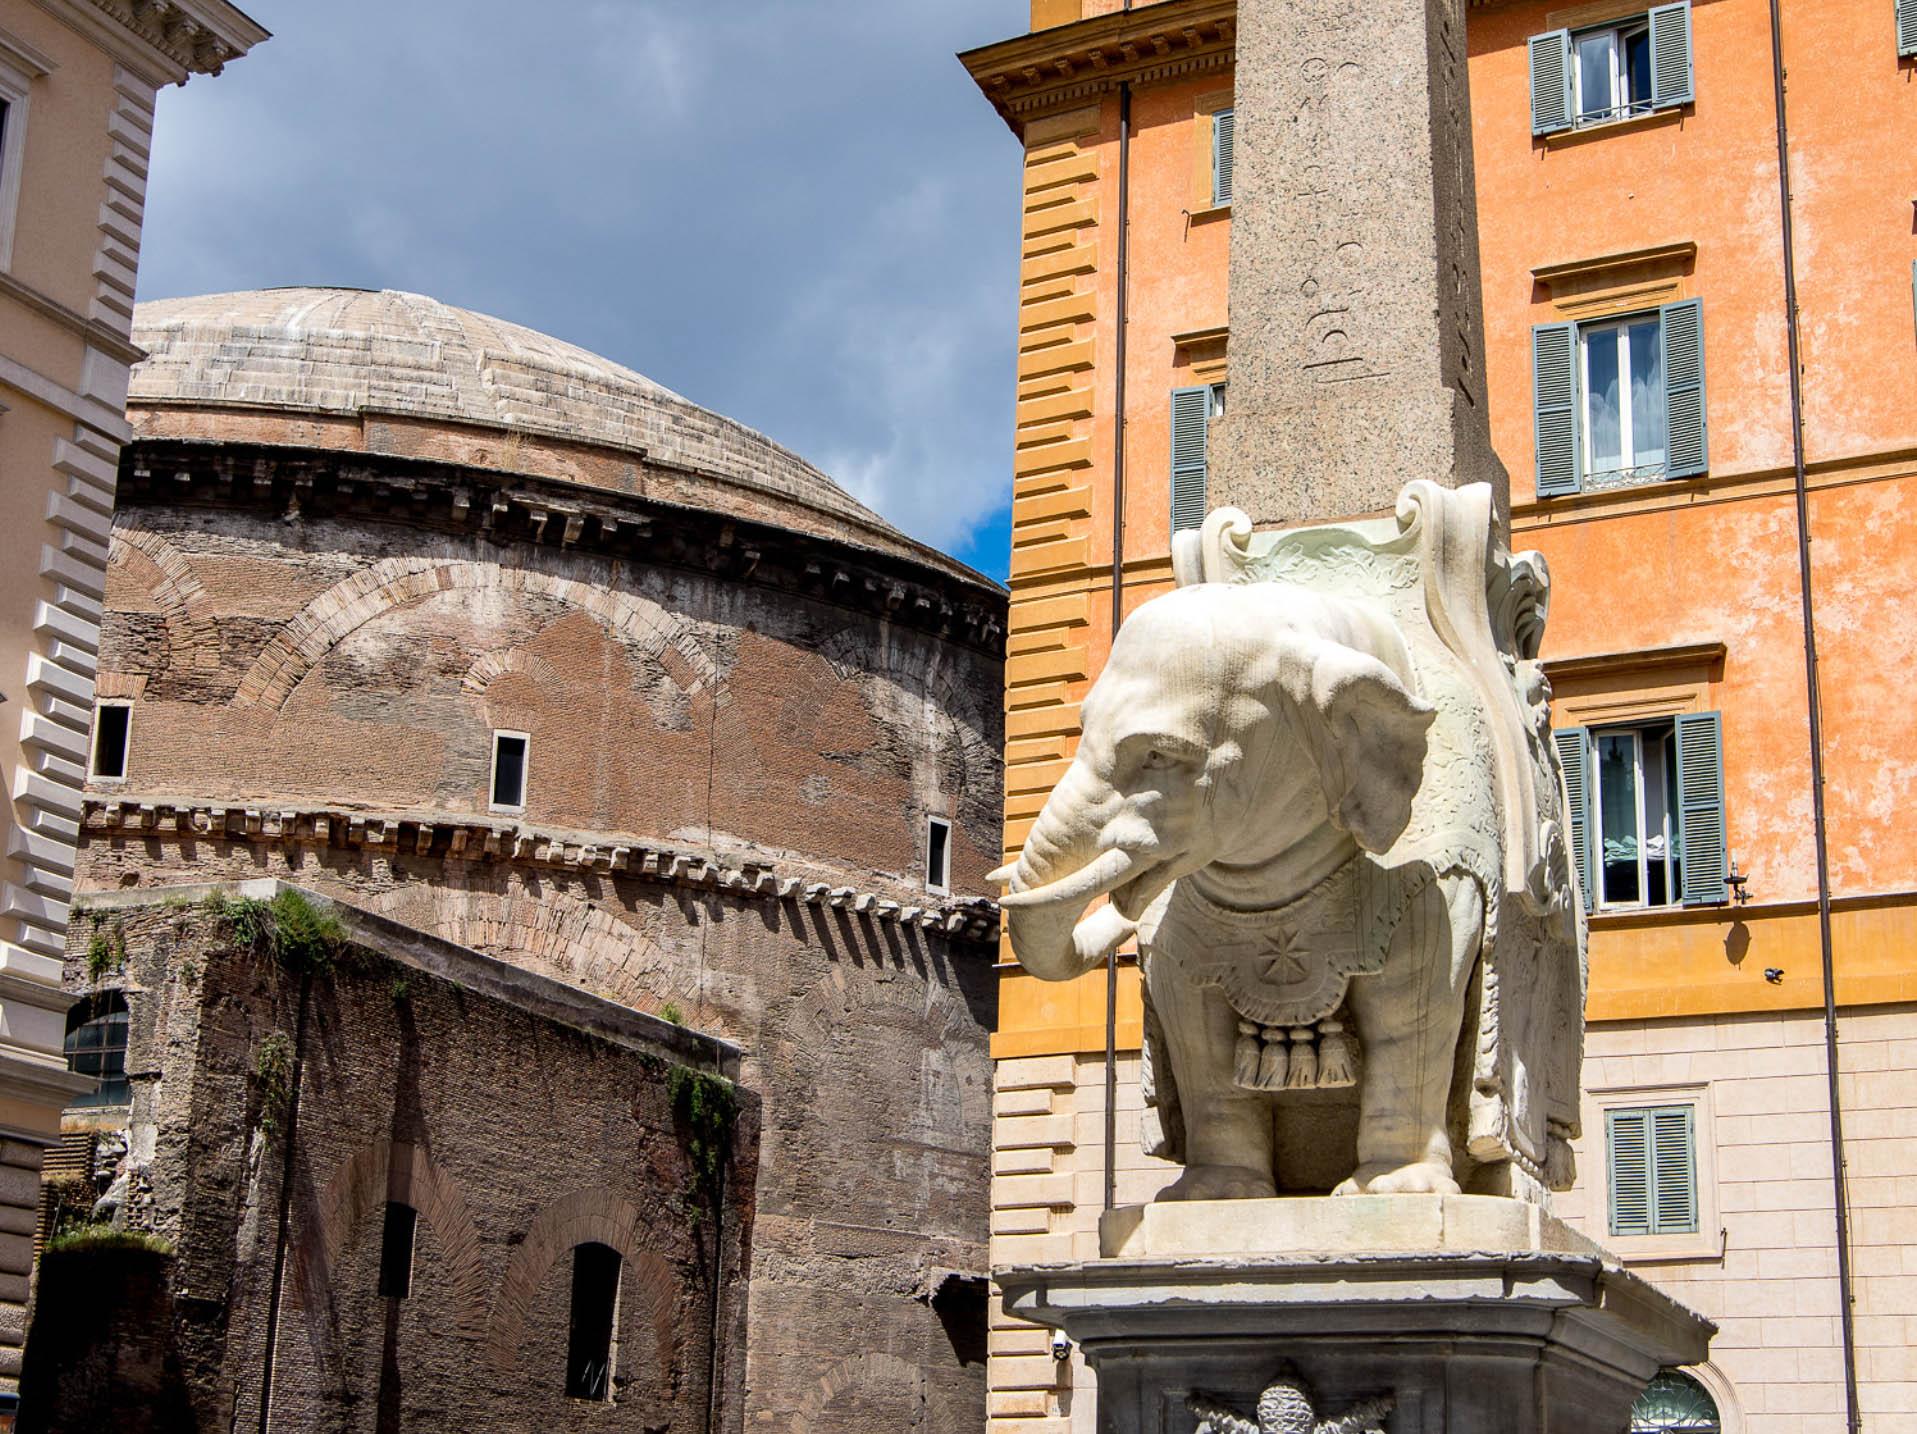 Obelisk of Santa Maria sopra Minerva - Rome